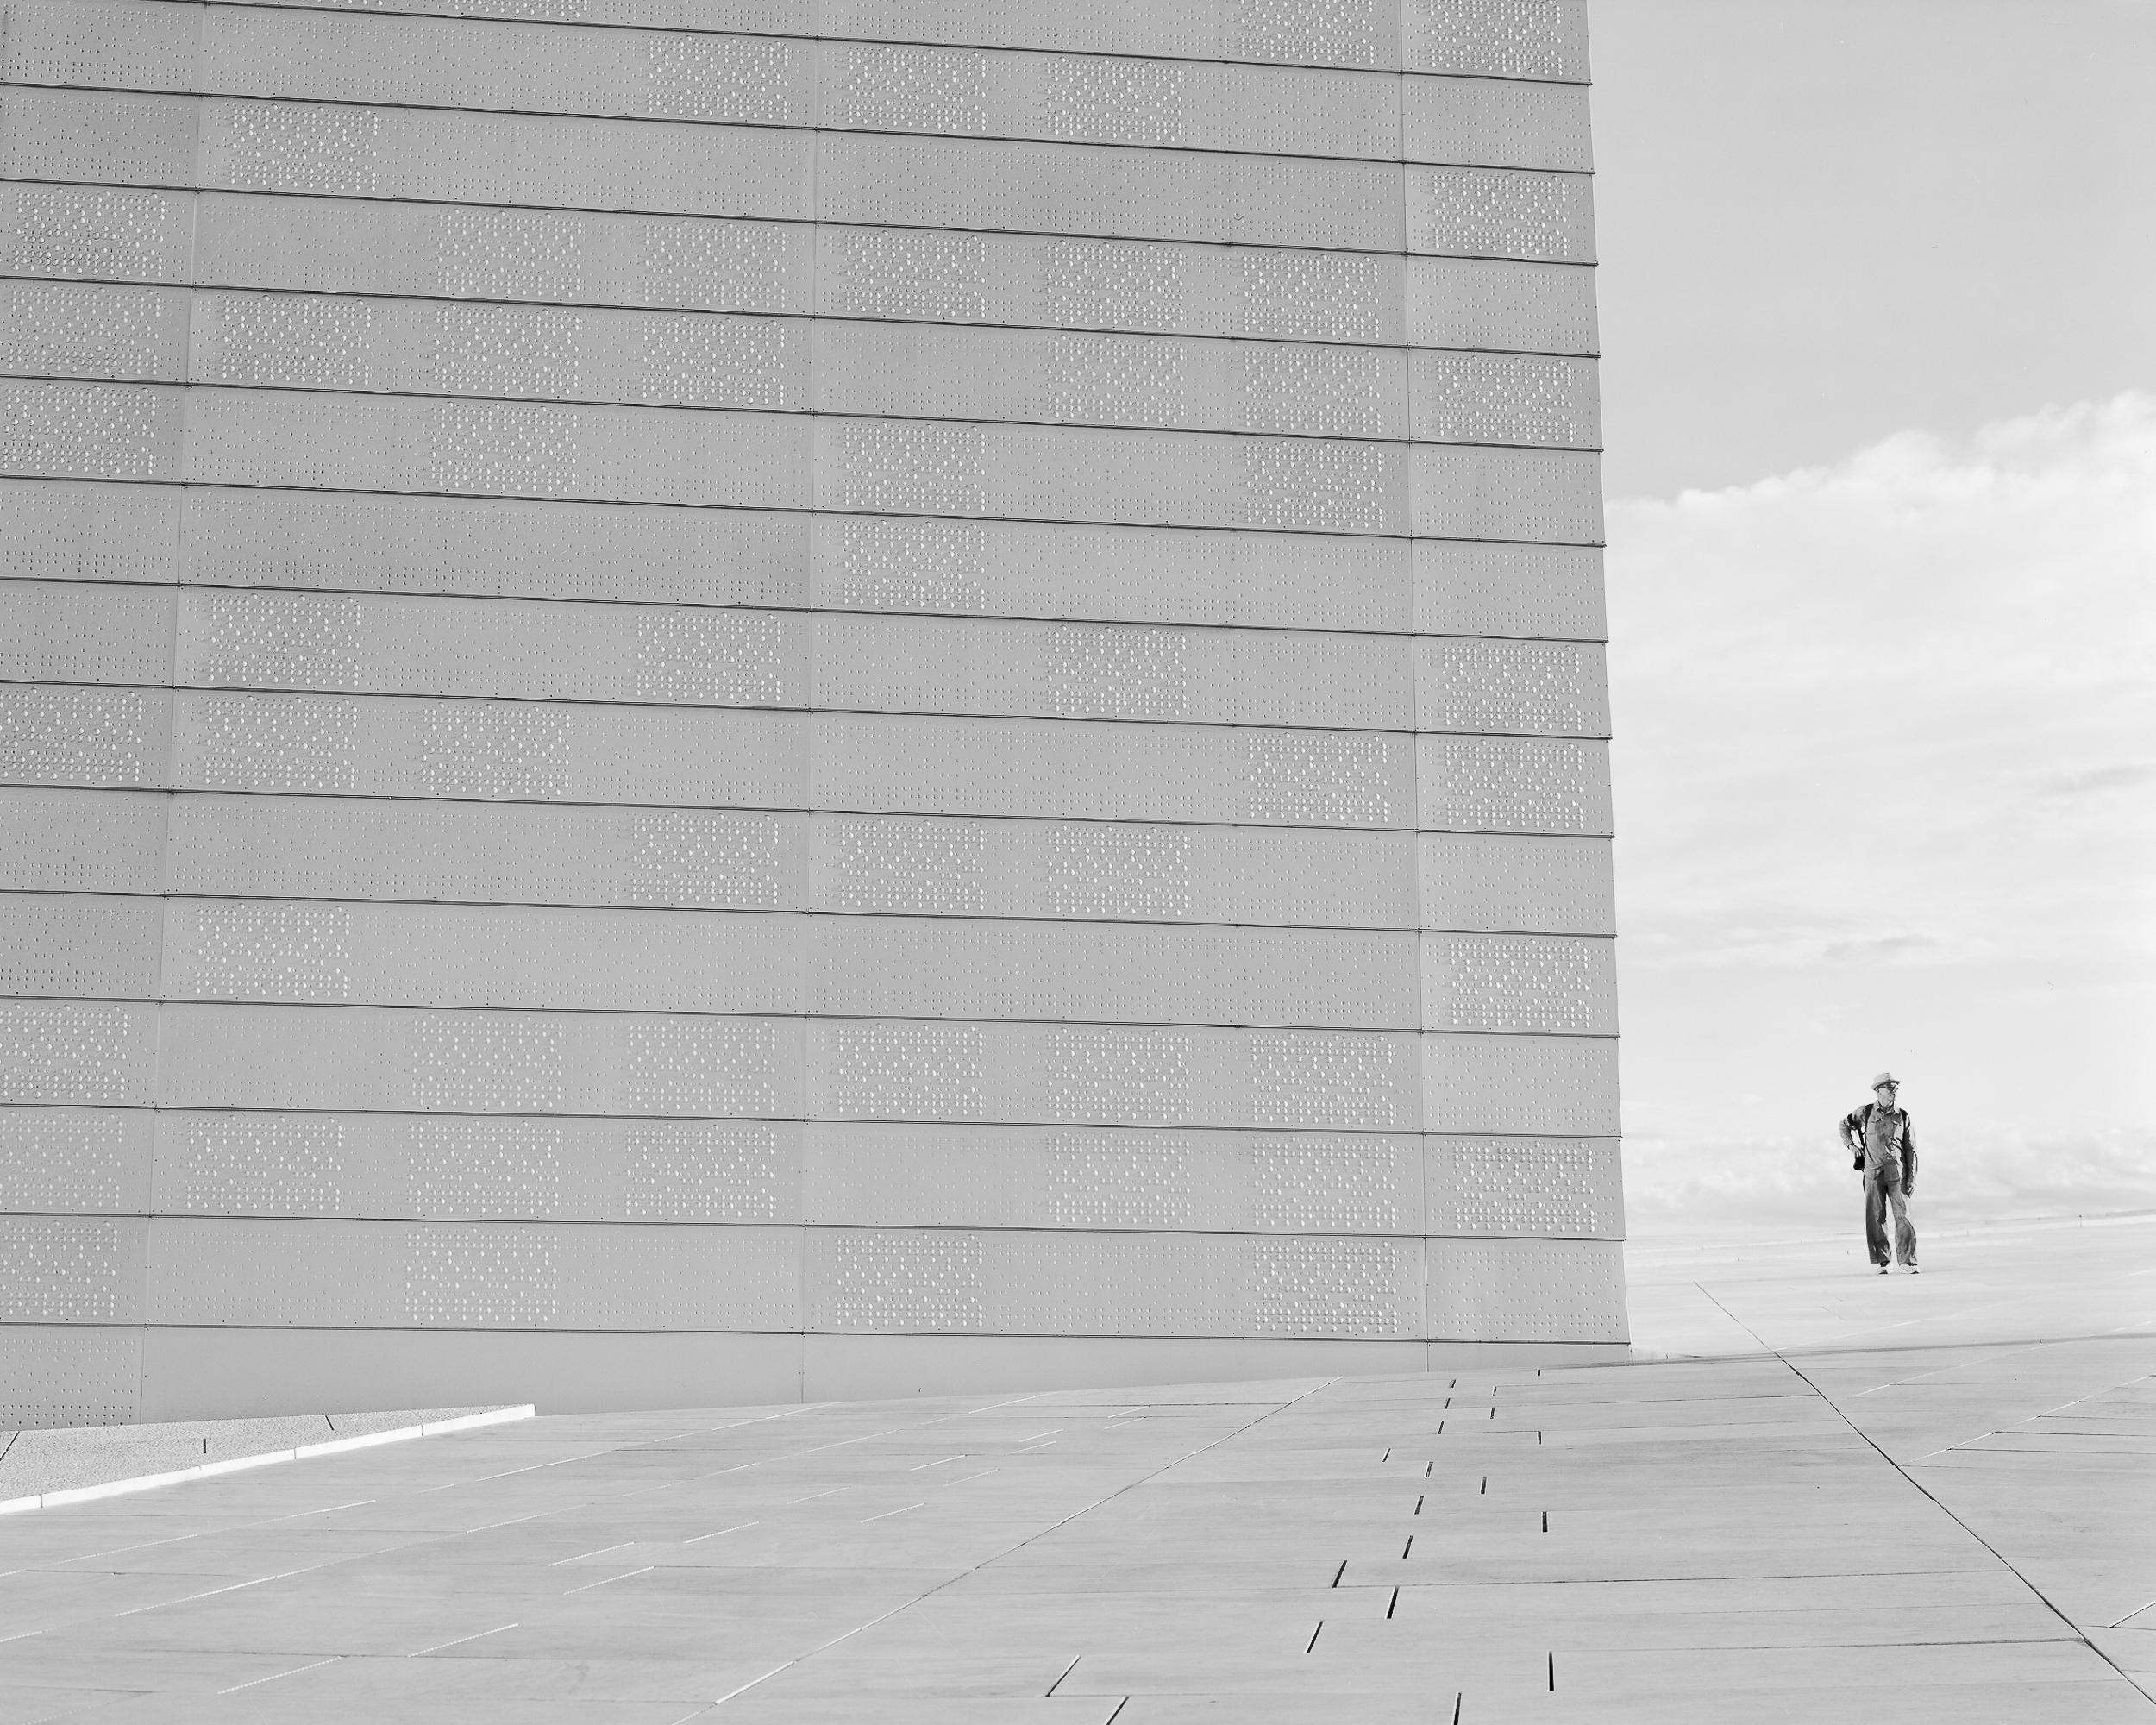 People & Cityscape workshop in Oslo. ©Bjørn Joachimsen.